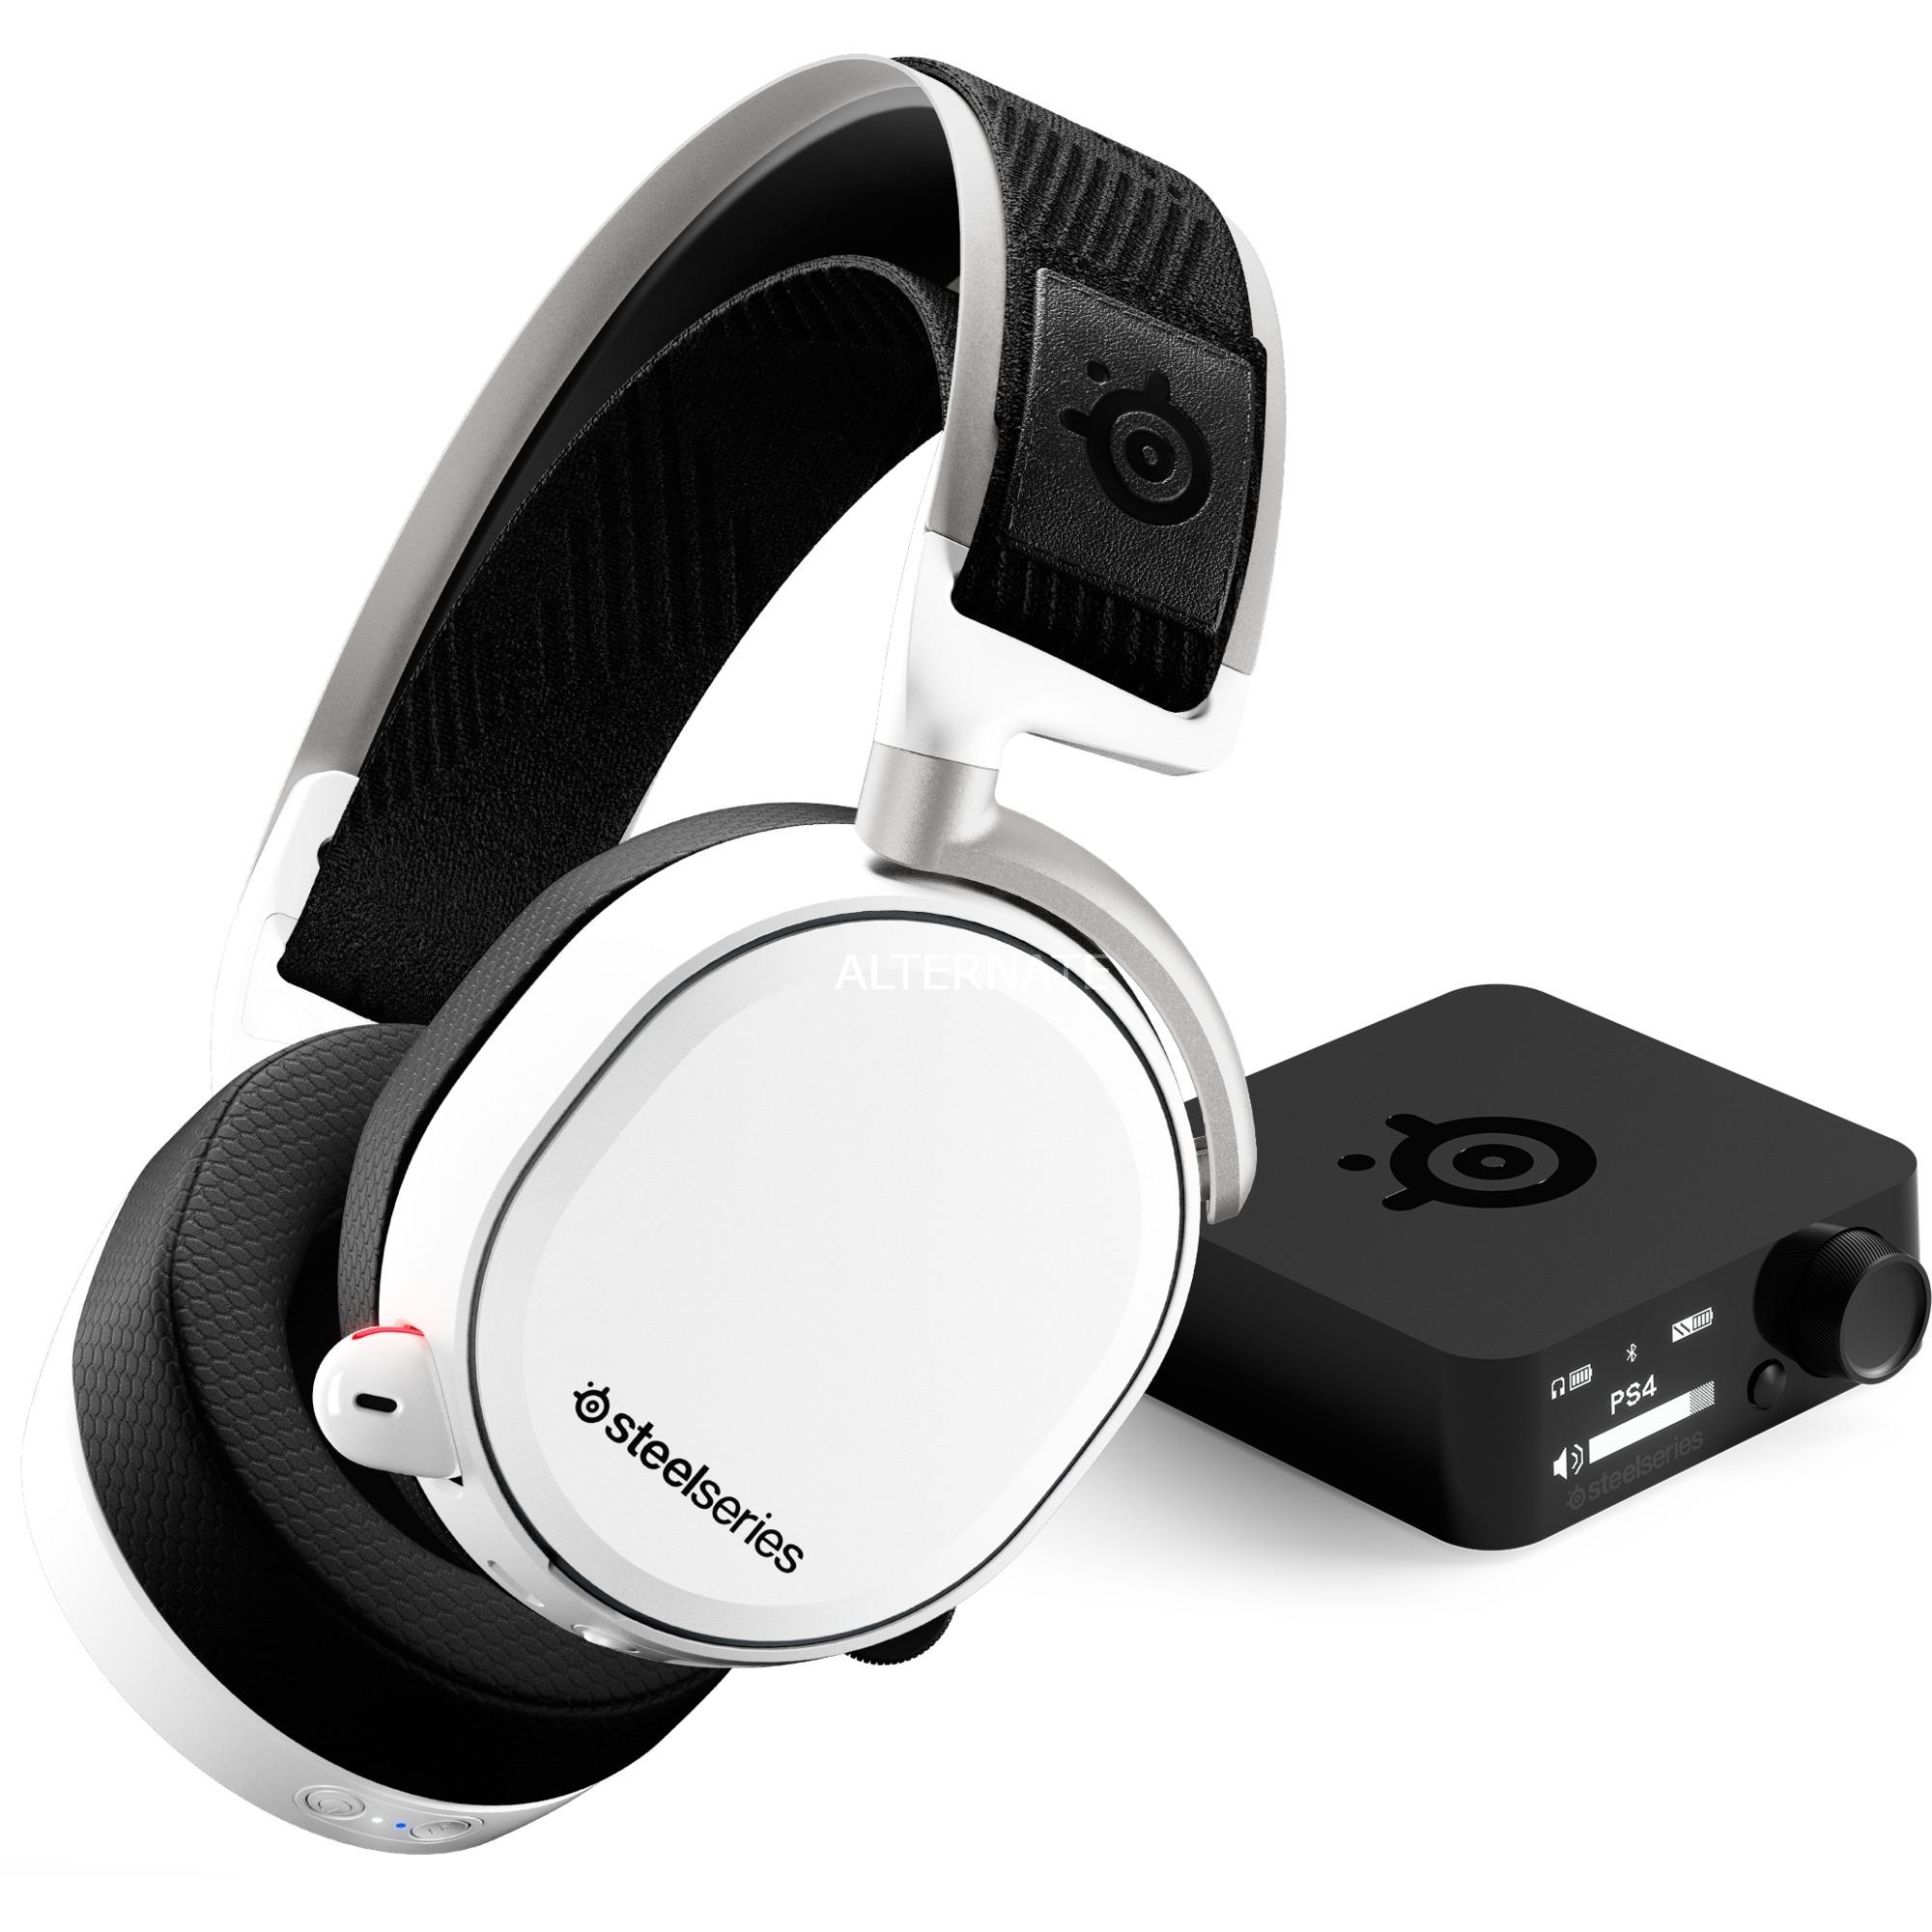 Arctis Pro Auriculares Diadema Negro, Auriculares para gaming